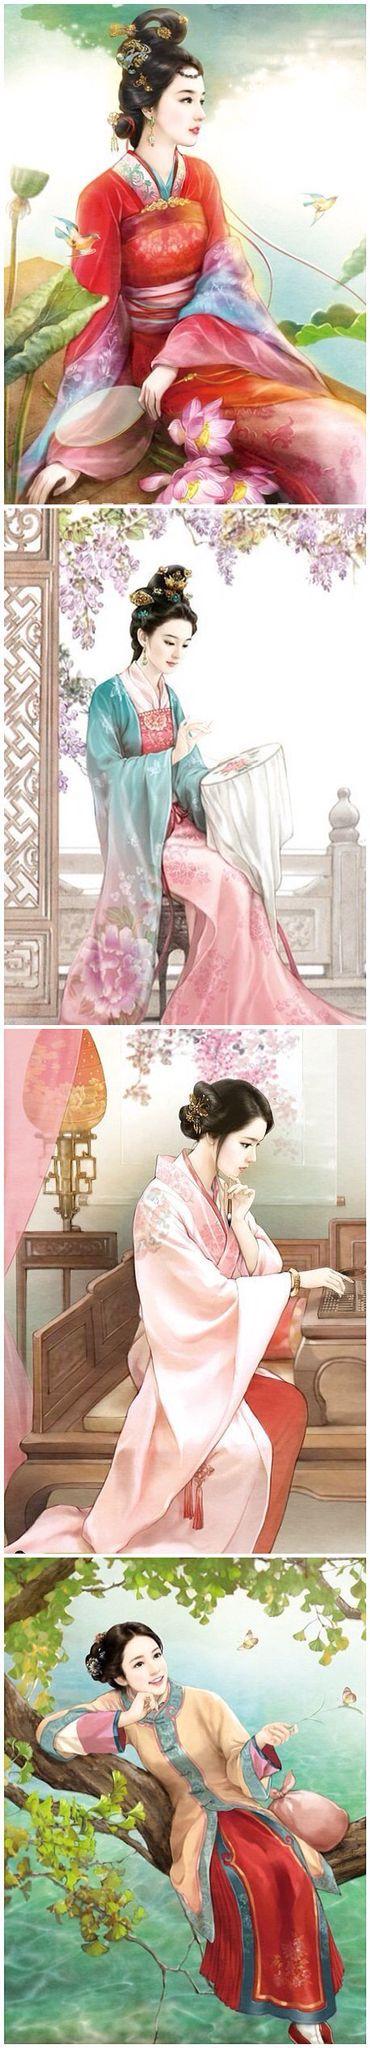 Art - Ancient Chinese Hanfu Fashion